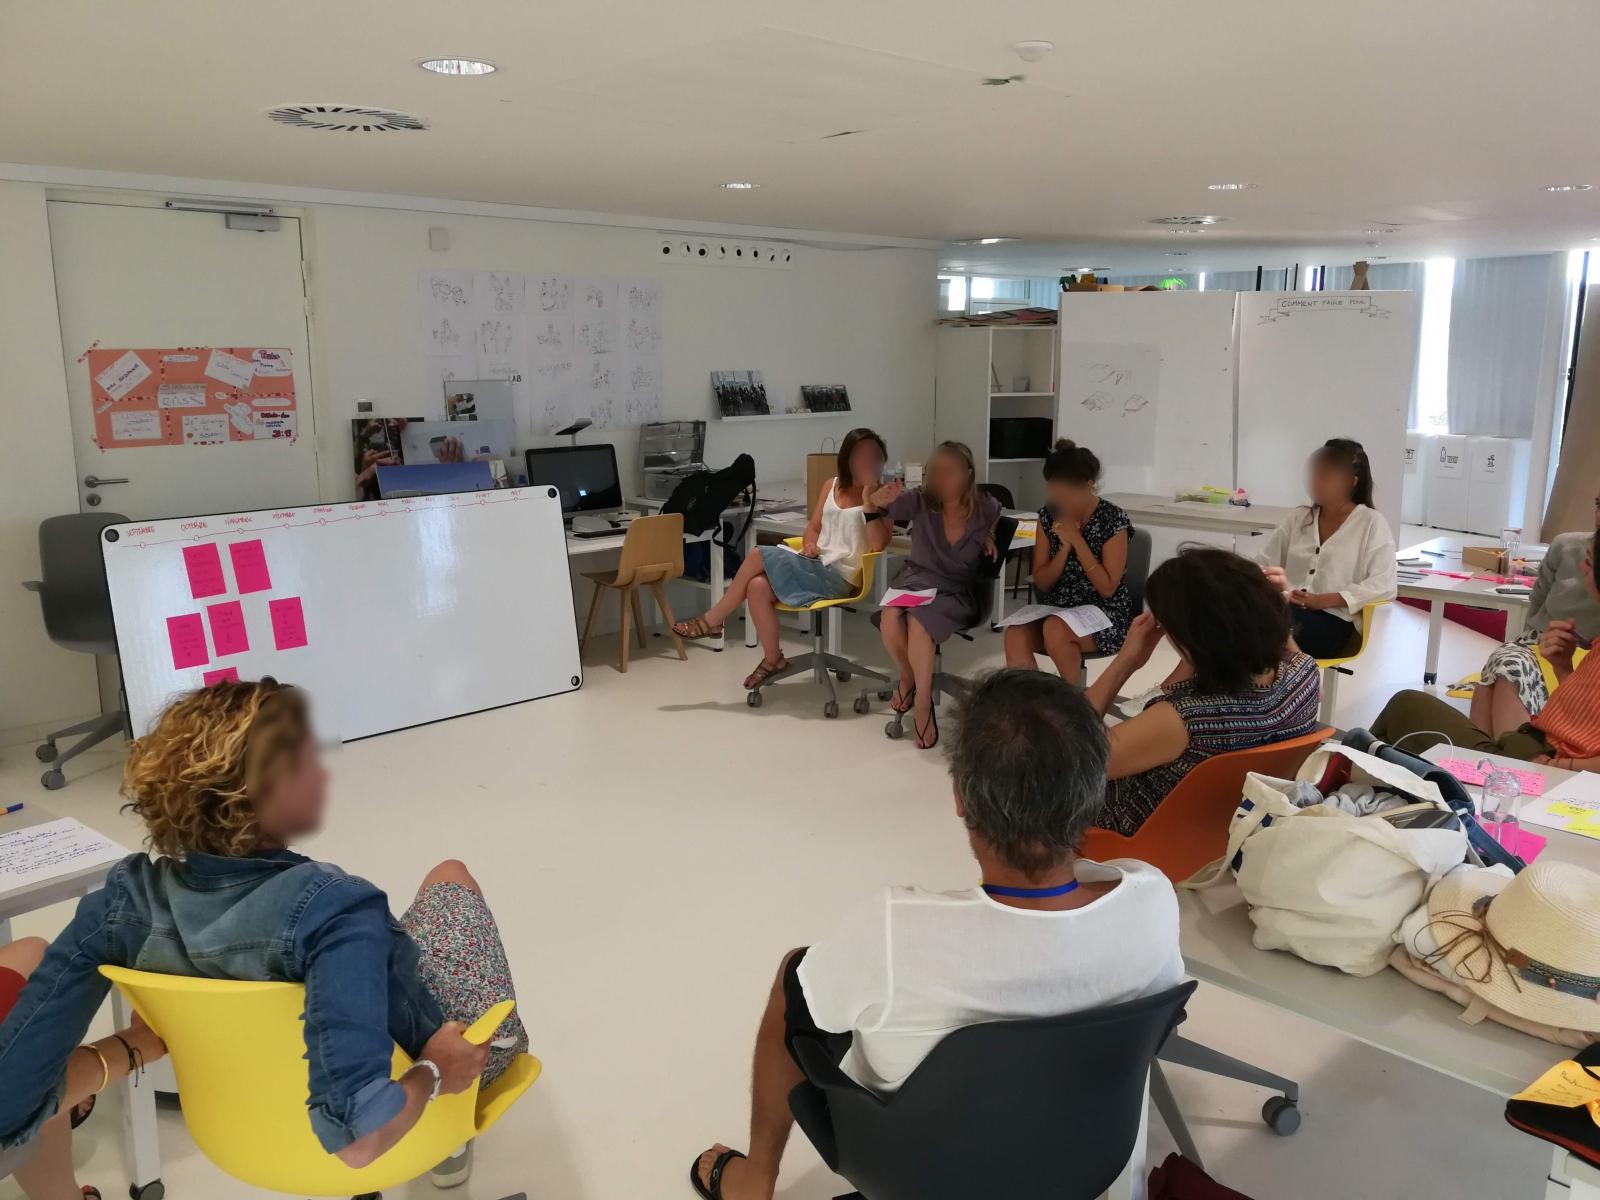 Atelier de Créativité, Rémi Sabouraud pour thecamp, transmission